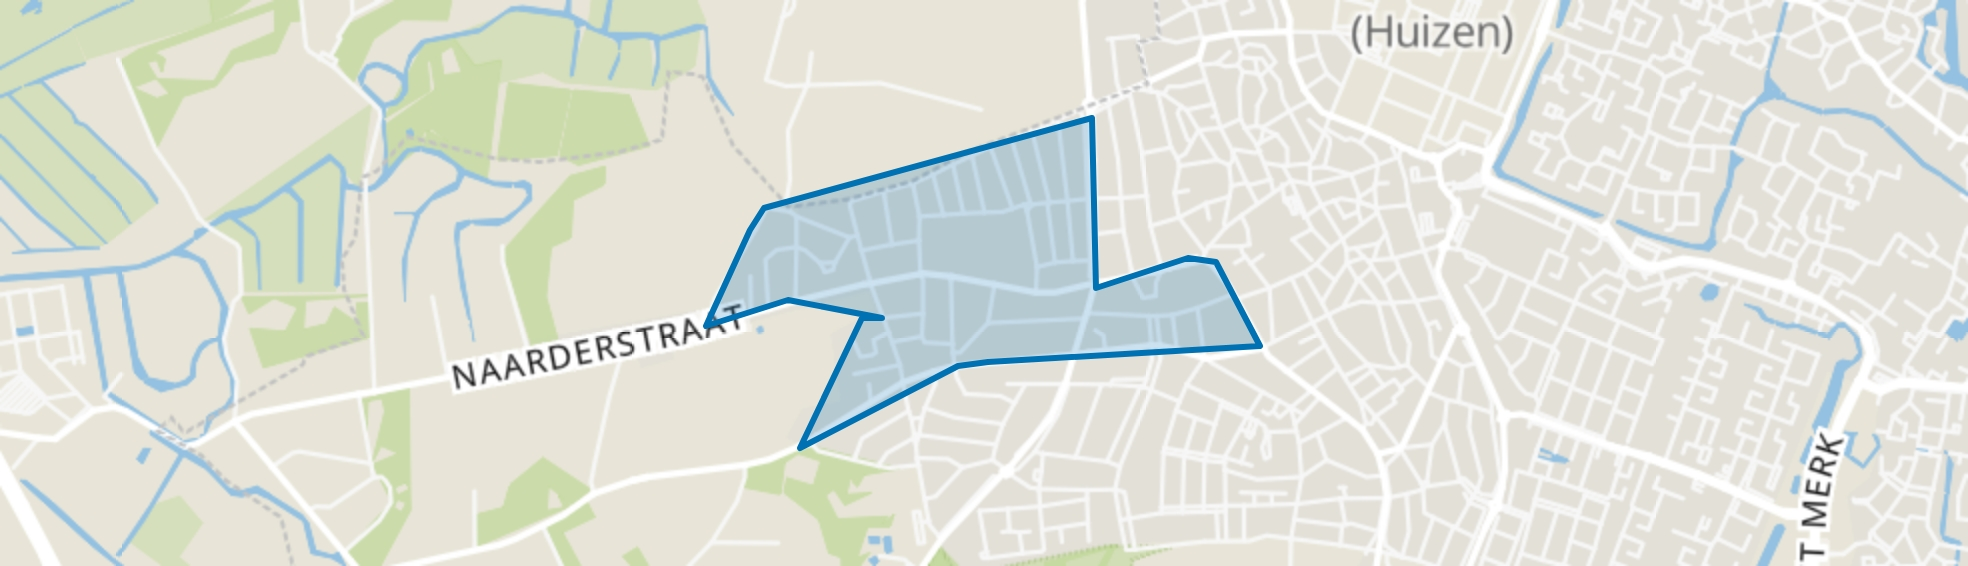 Westereng, Huizen map